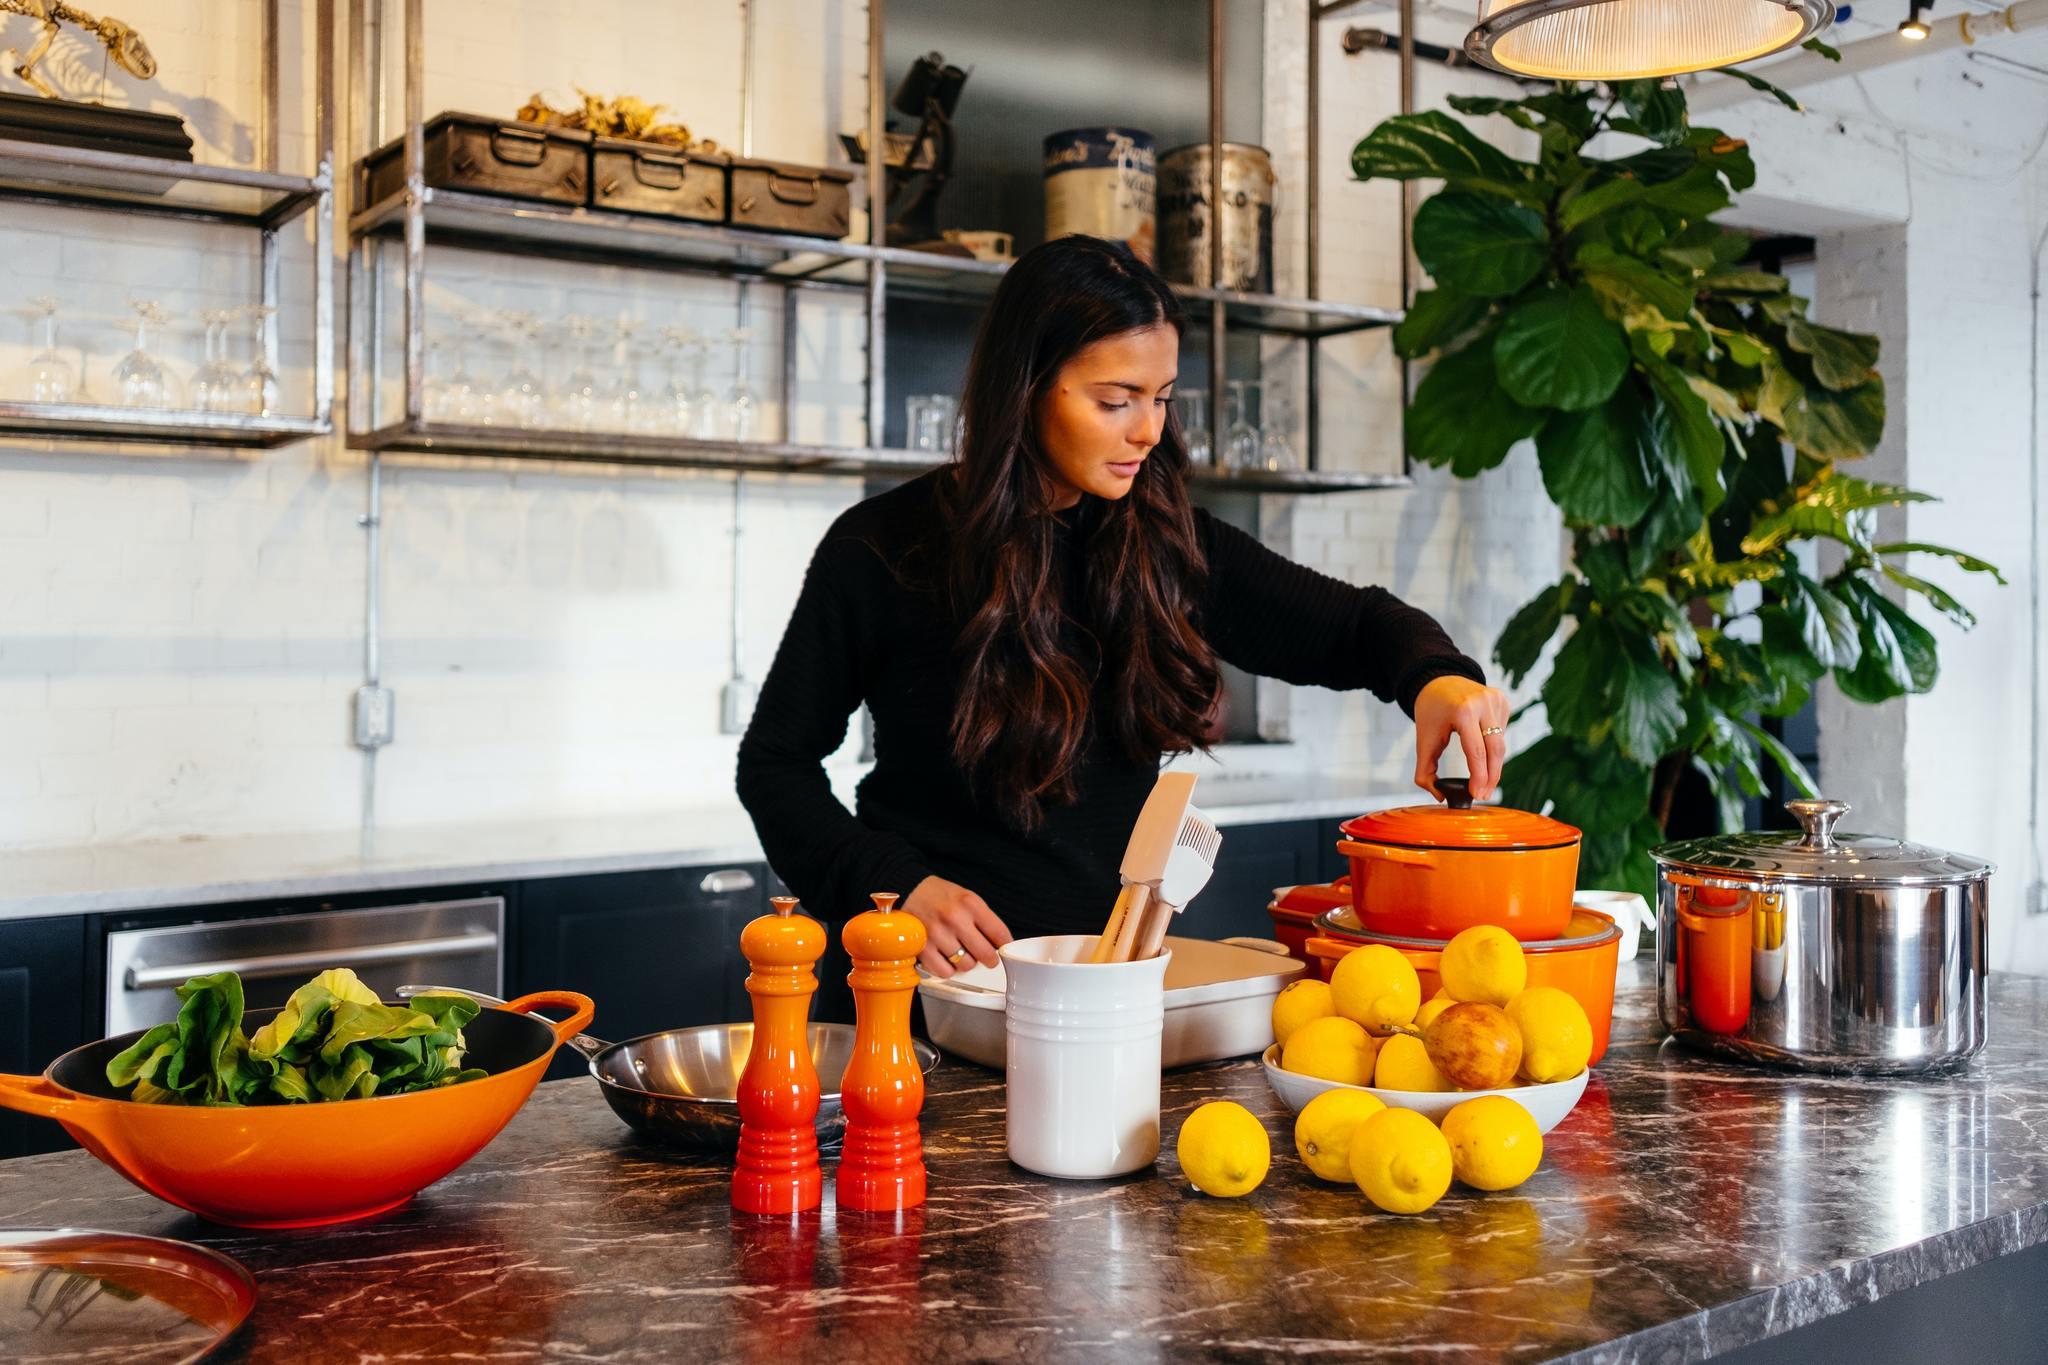 Para evitar la rotura es bueno comer naranjas, limones, espárragos, espinacas, carnes y pescados blancos y azules.